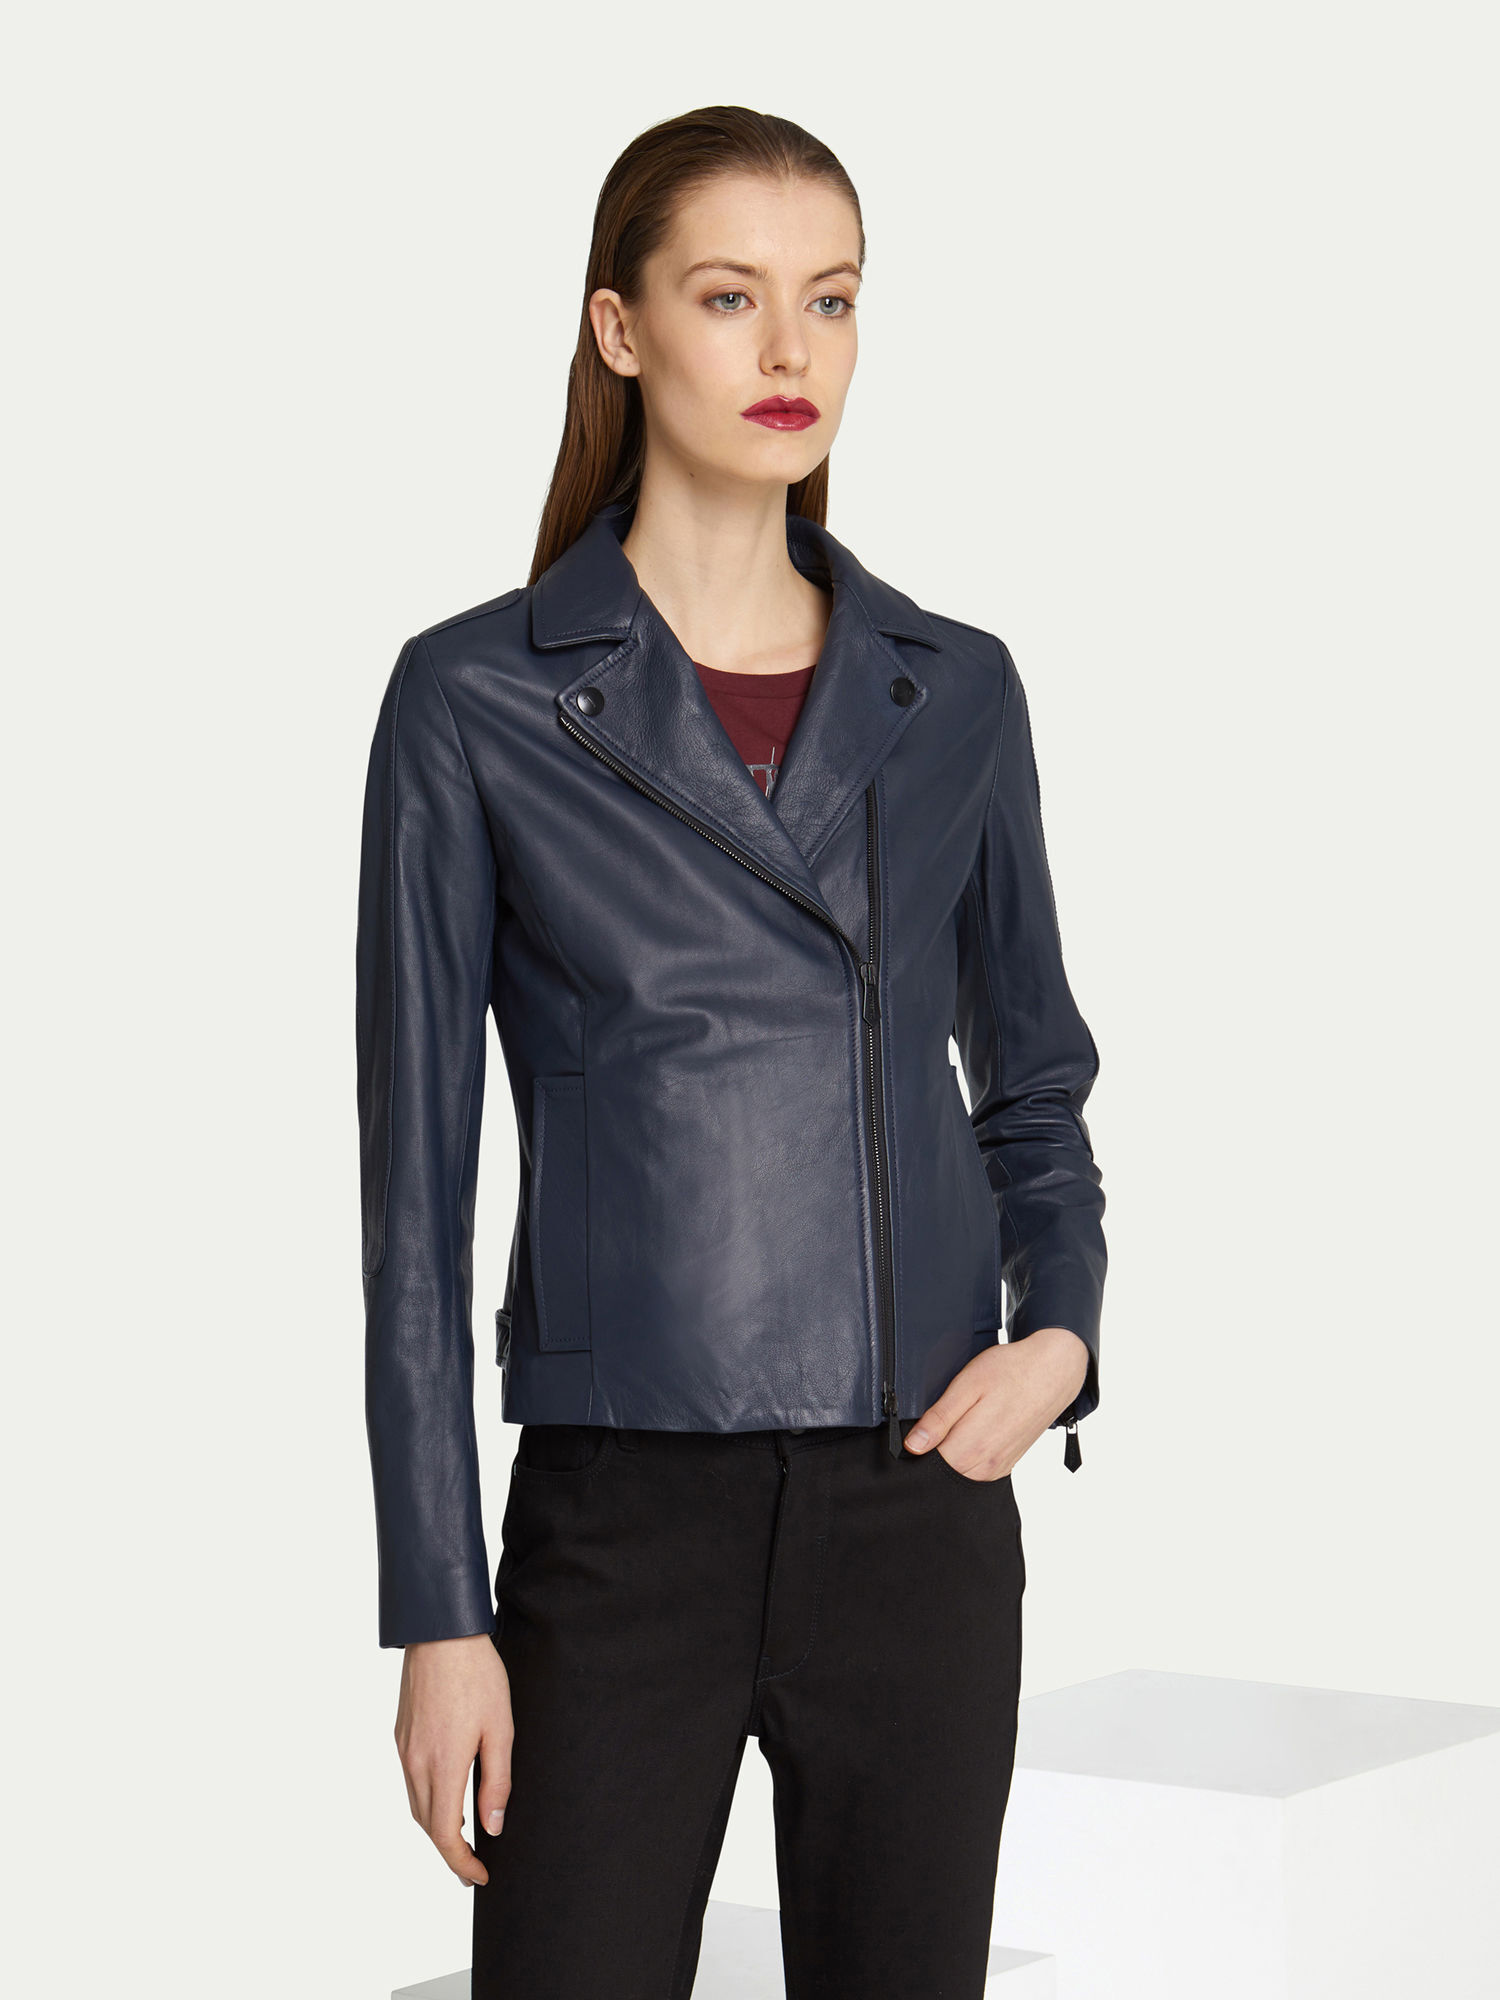 Abrigo De ® De ® Prendas Prendas MujerTrussardi Abrigo Prendas MujerTrussardi f6ygvYbI7